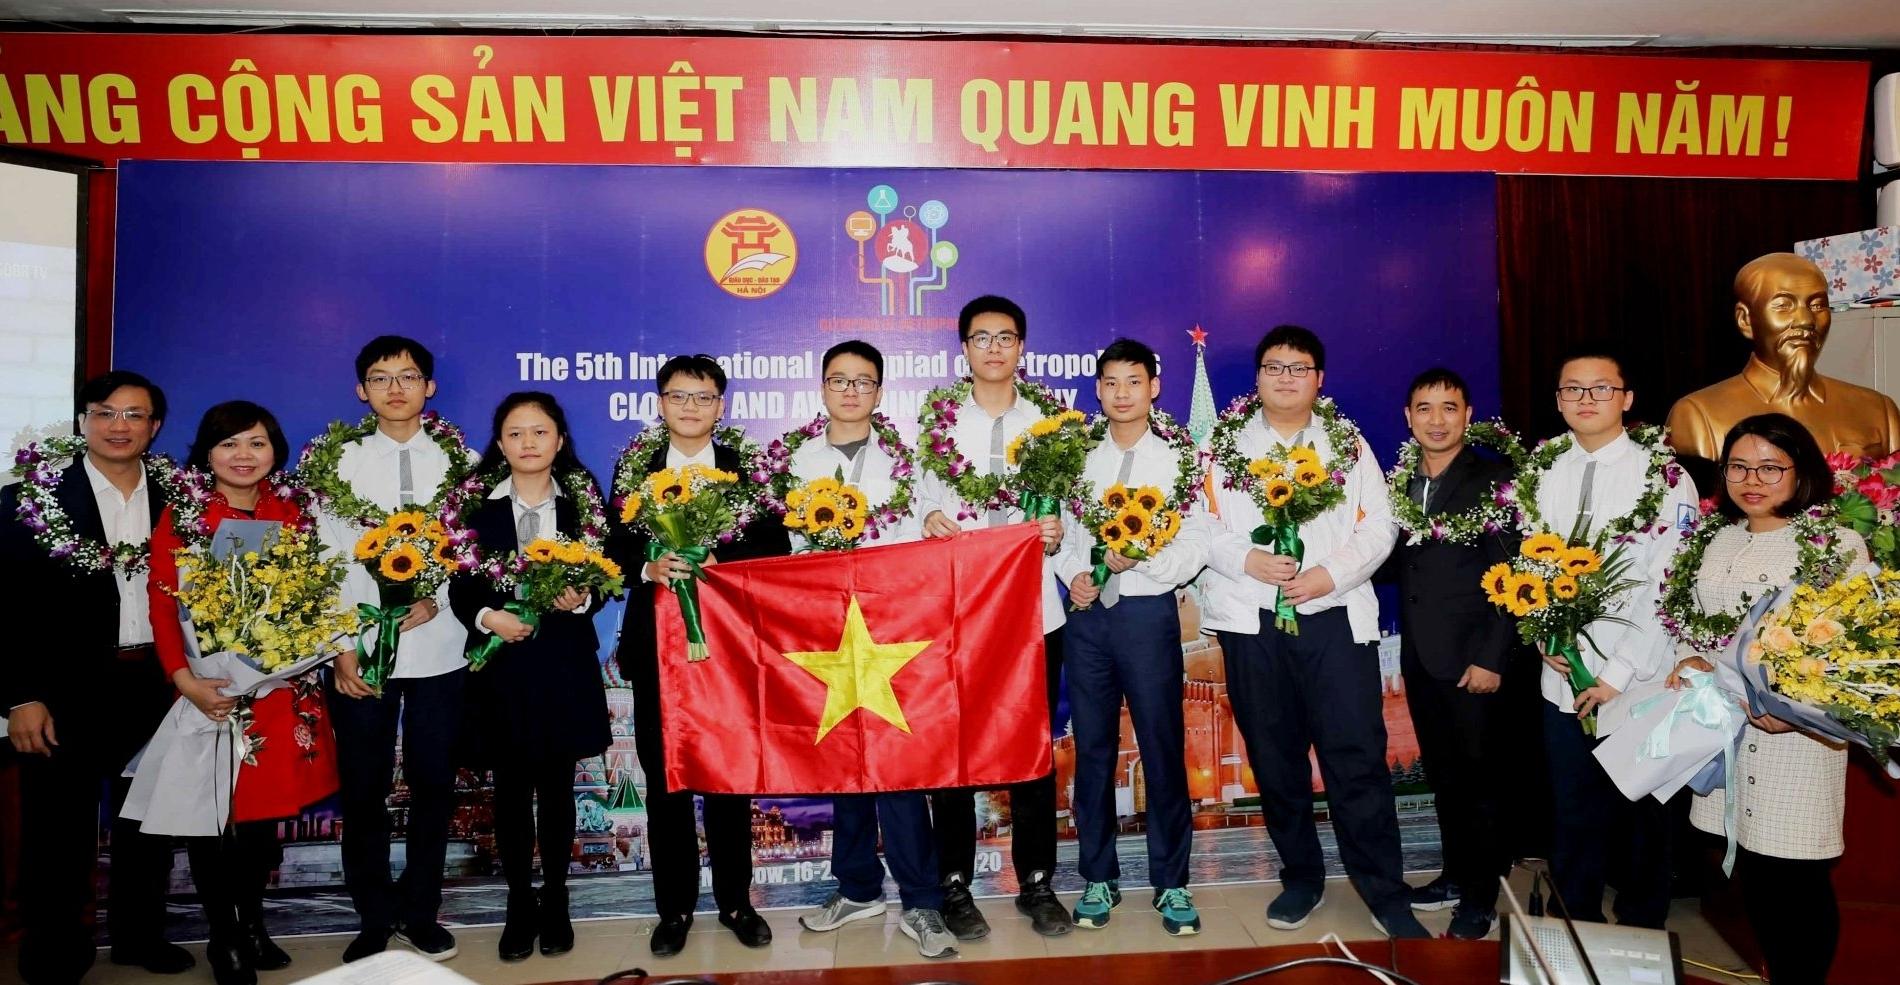 Học sinh Hà Nội đoạt cúp Bạc đồng đội kỳ thi Olympic quốc tế IOM